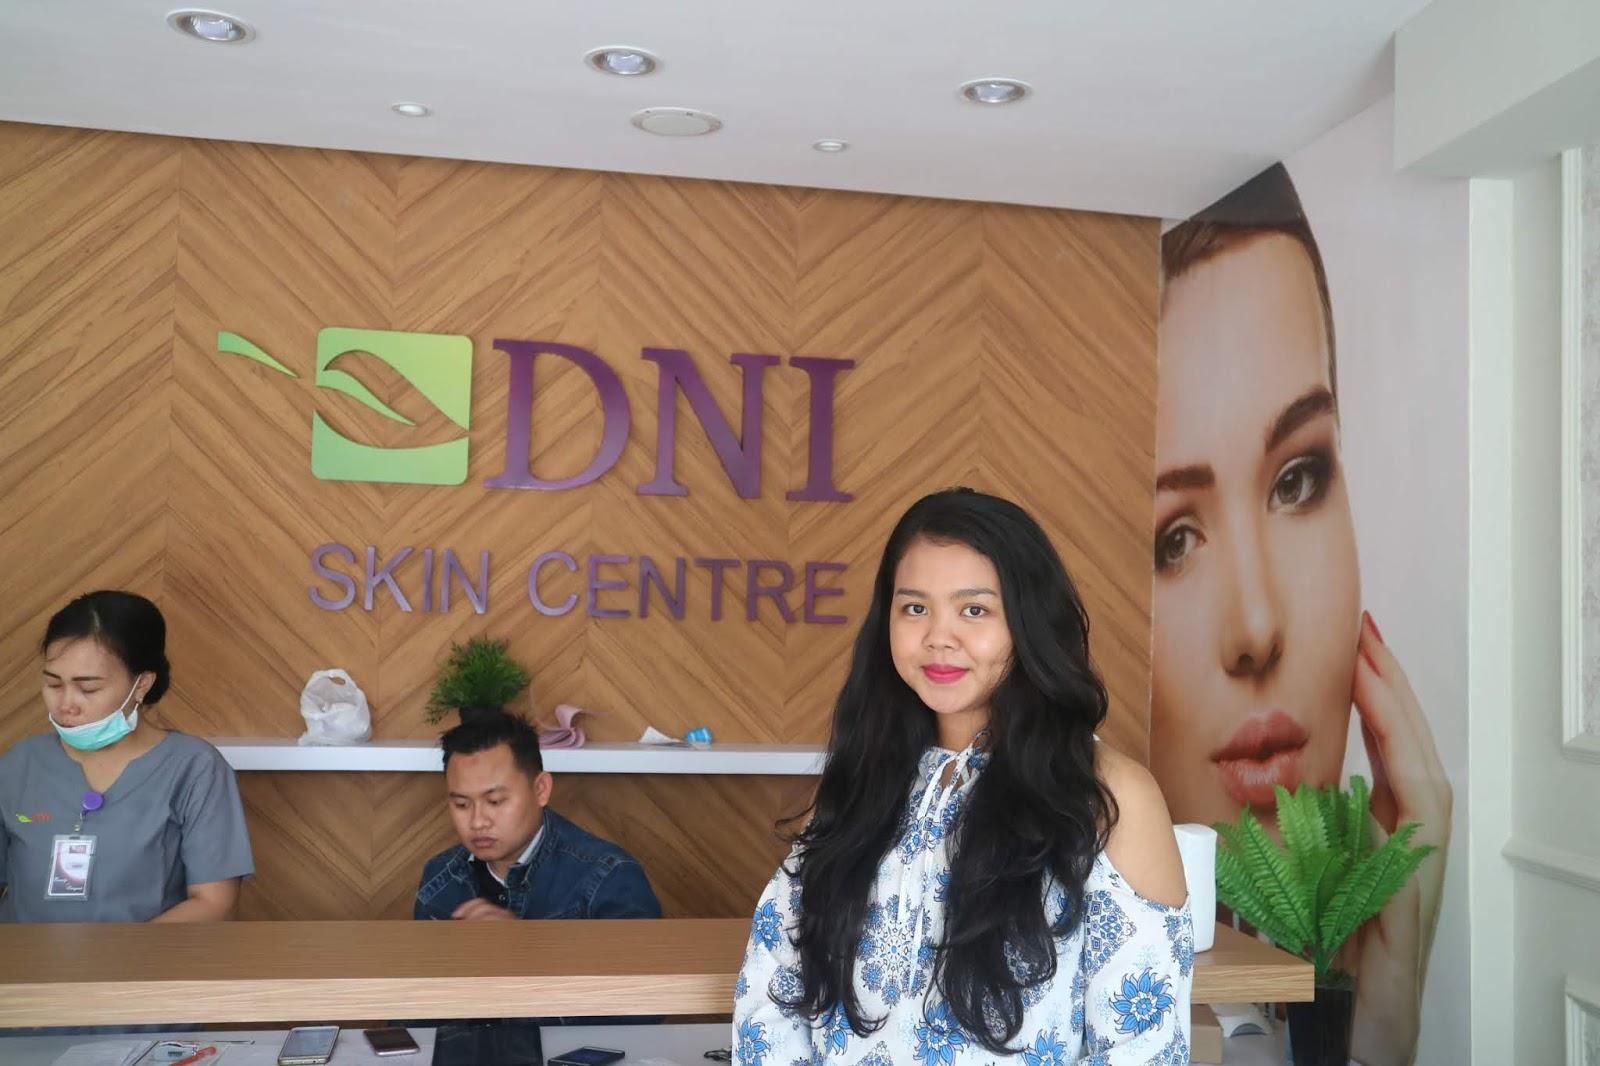 Obat Penghilang Bekas Jerawat Dari Dni Skin Centre